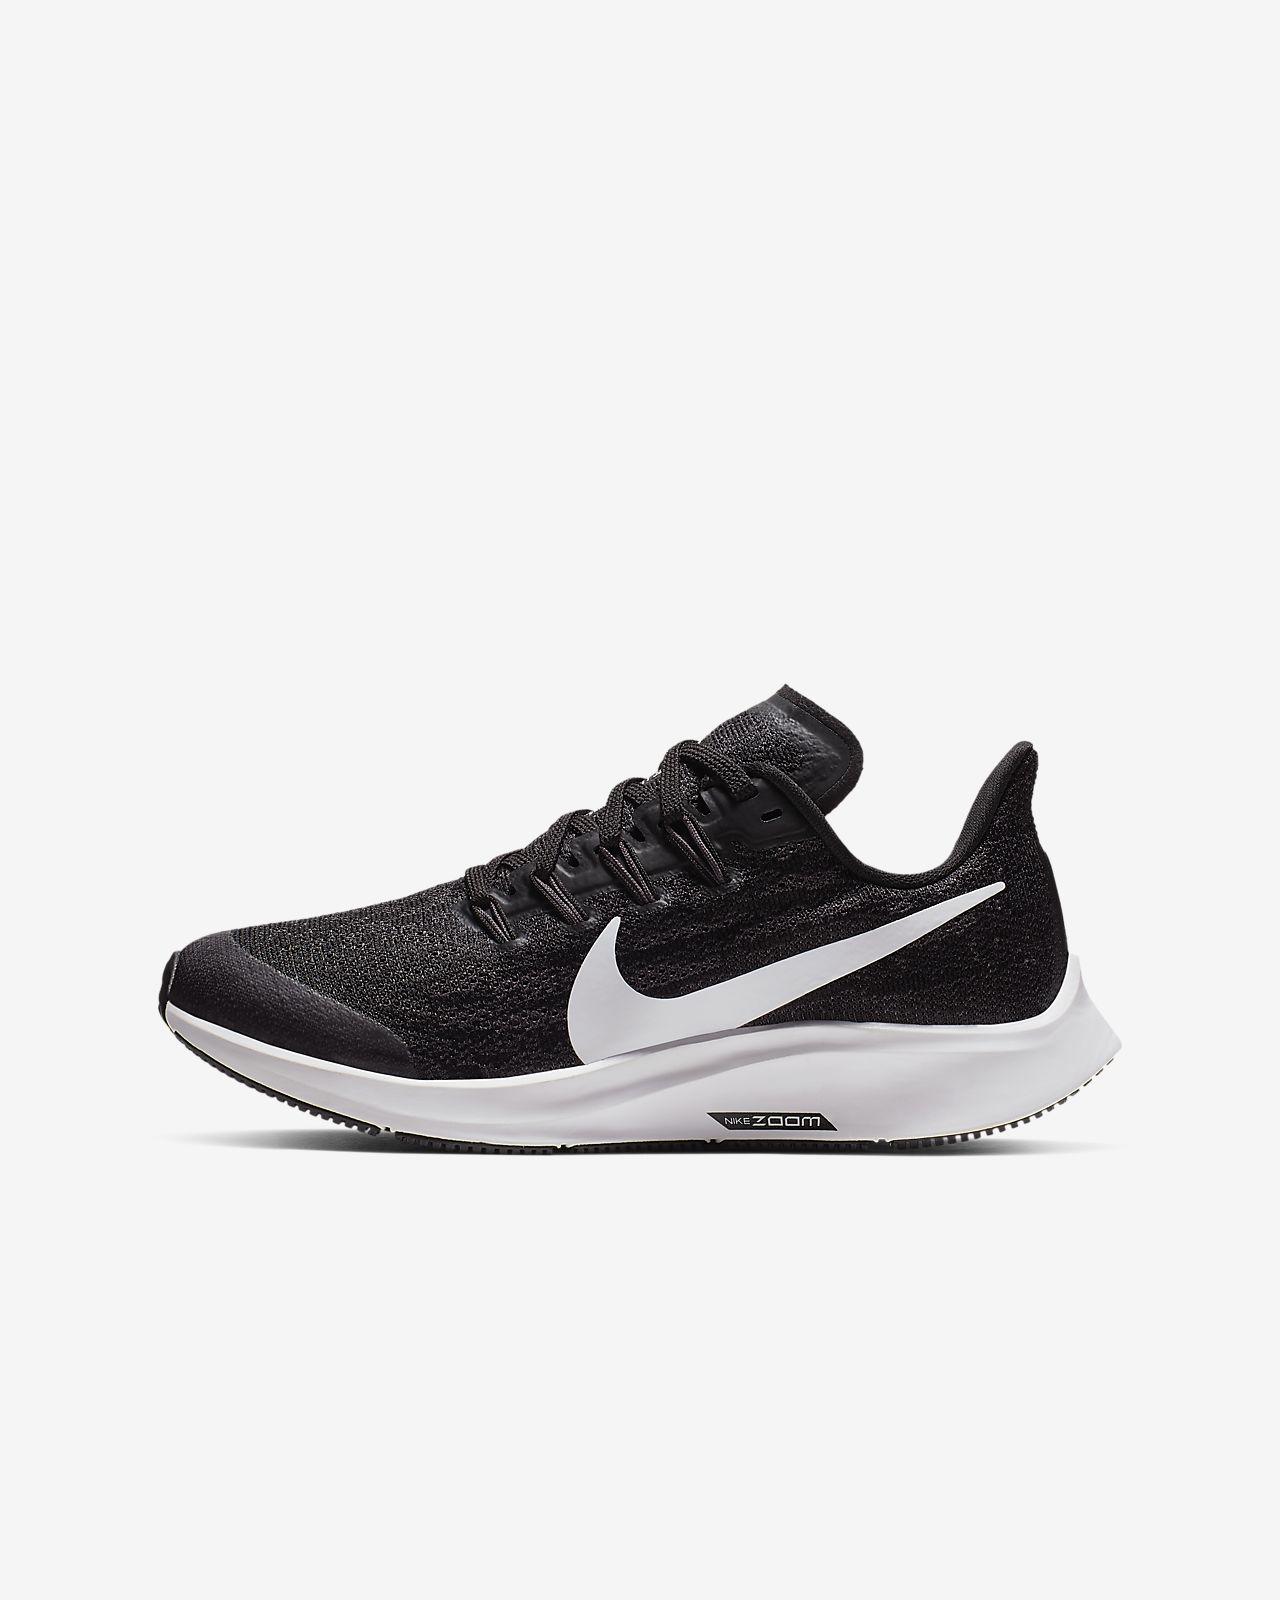 292aa015f206 ... Chaussure de running Nike Air Zoom Pegasus 36 pour Jeune enfant/Enfant  plus âgé